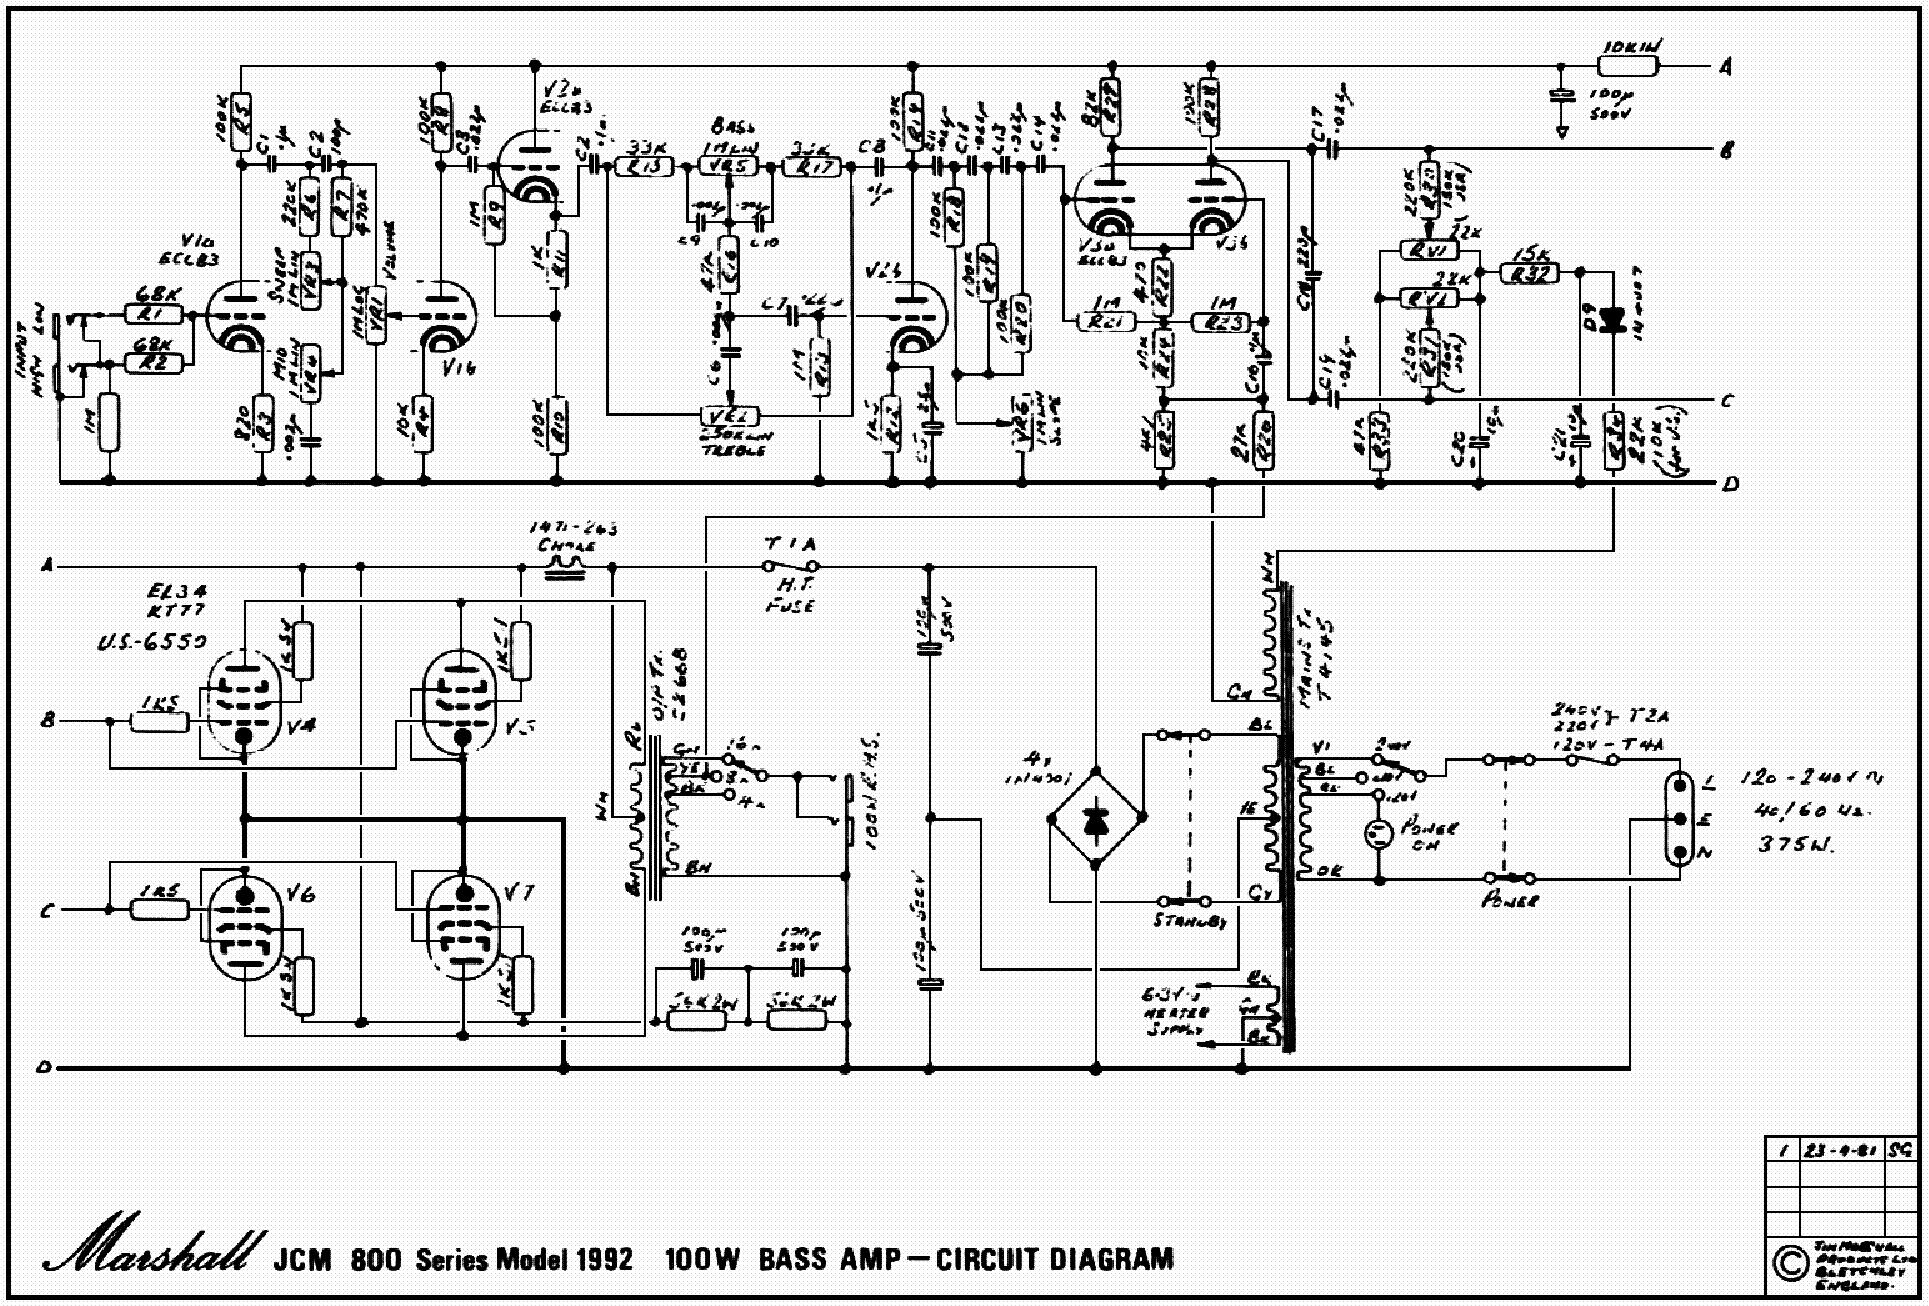 marshall_jcm800_superb_100w_1992_sch.pdf_1 Jcm Schematic on chandler tube driver schematic, pignose schematic, marshall schematic, 12ax7 overdrive schematic, jmp 50 schematic, ocd schematic, guitar schematic, rickenbacker 4003 schematic, bsiab schematic, hiwatt schematic, laney vc30 schematic, speaker schematic, champ schematic, ac30 schematic, jtm45 schematic, orange rockerverb schematic, orange th30 schematic, silver tone 1483 schematic, vox schematic,